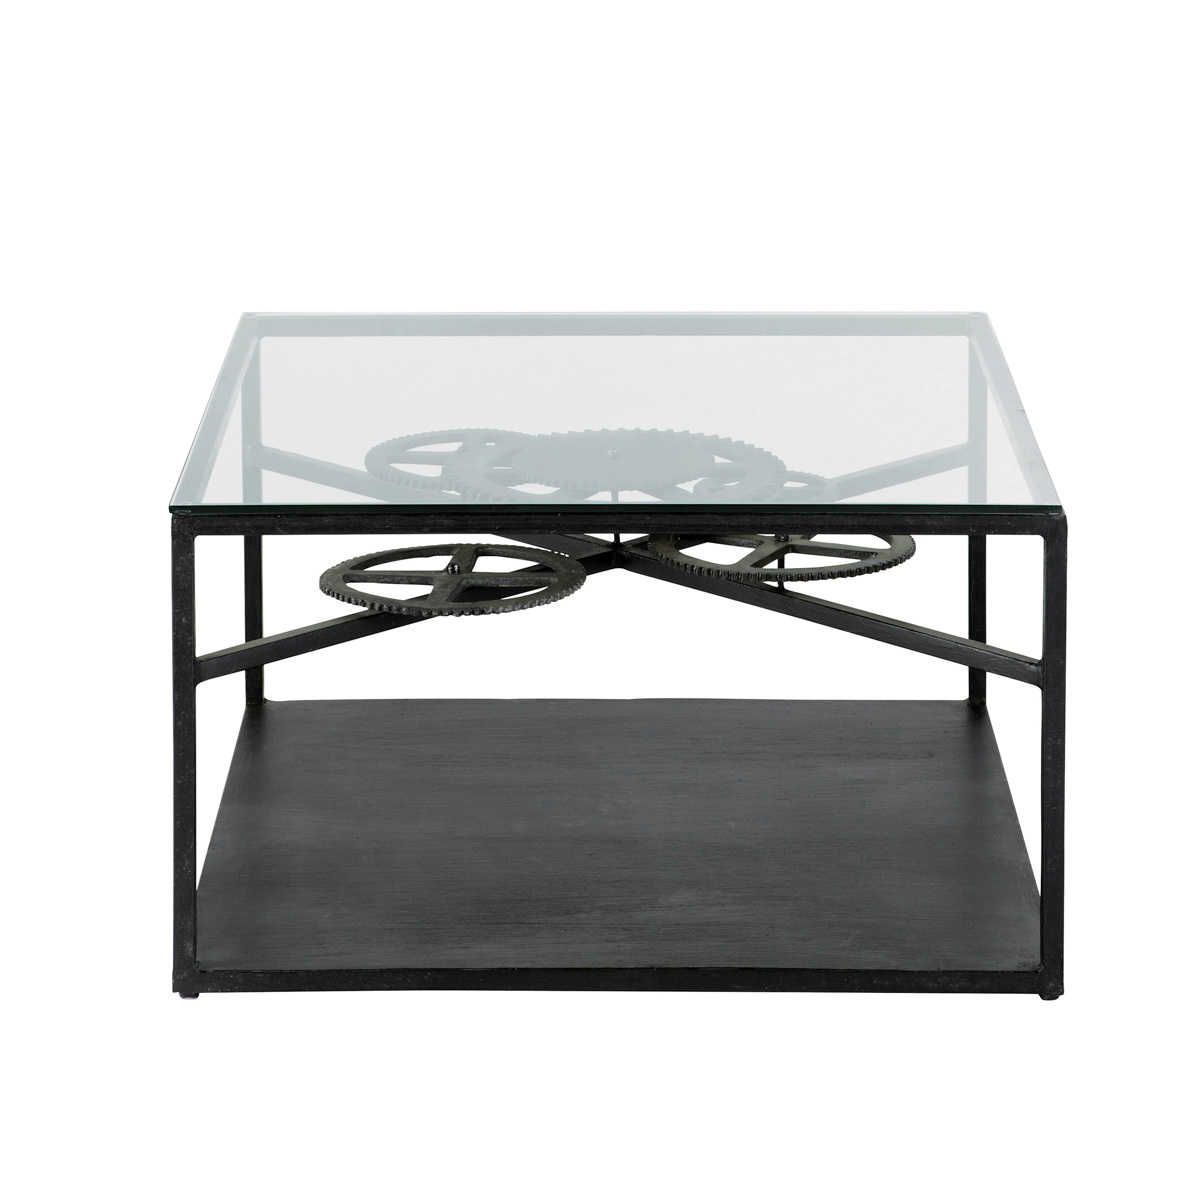 Mesa baja industrial de cristal y metal An. 80 cm Rouage